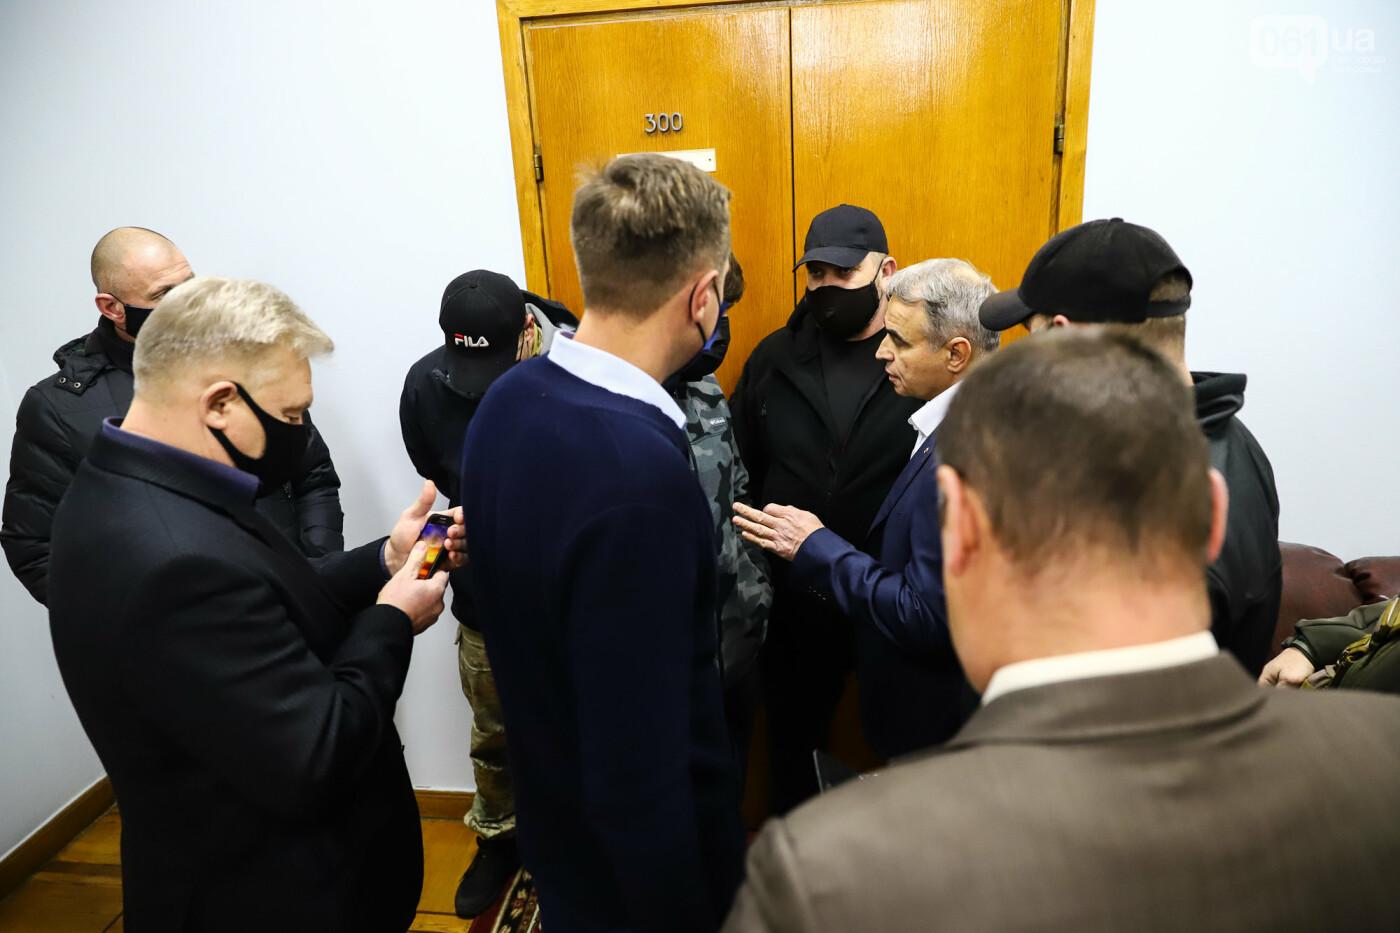 """Тайная """"сессия"""", сотни правоохранителей и стычки с активистами - что происходило в здании Запорожского облсовета, - ФОТО, ВИДЕО , фото-41"""